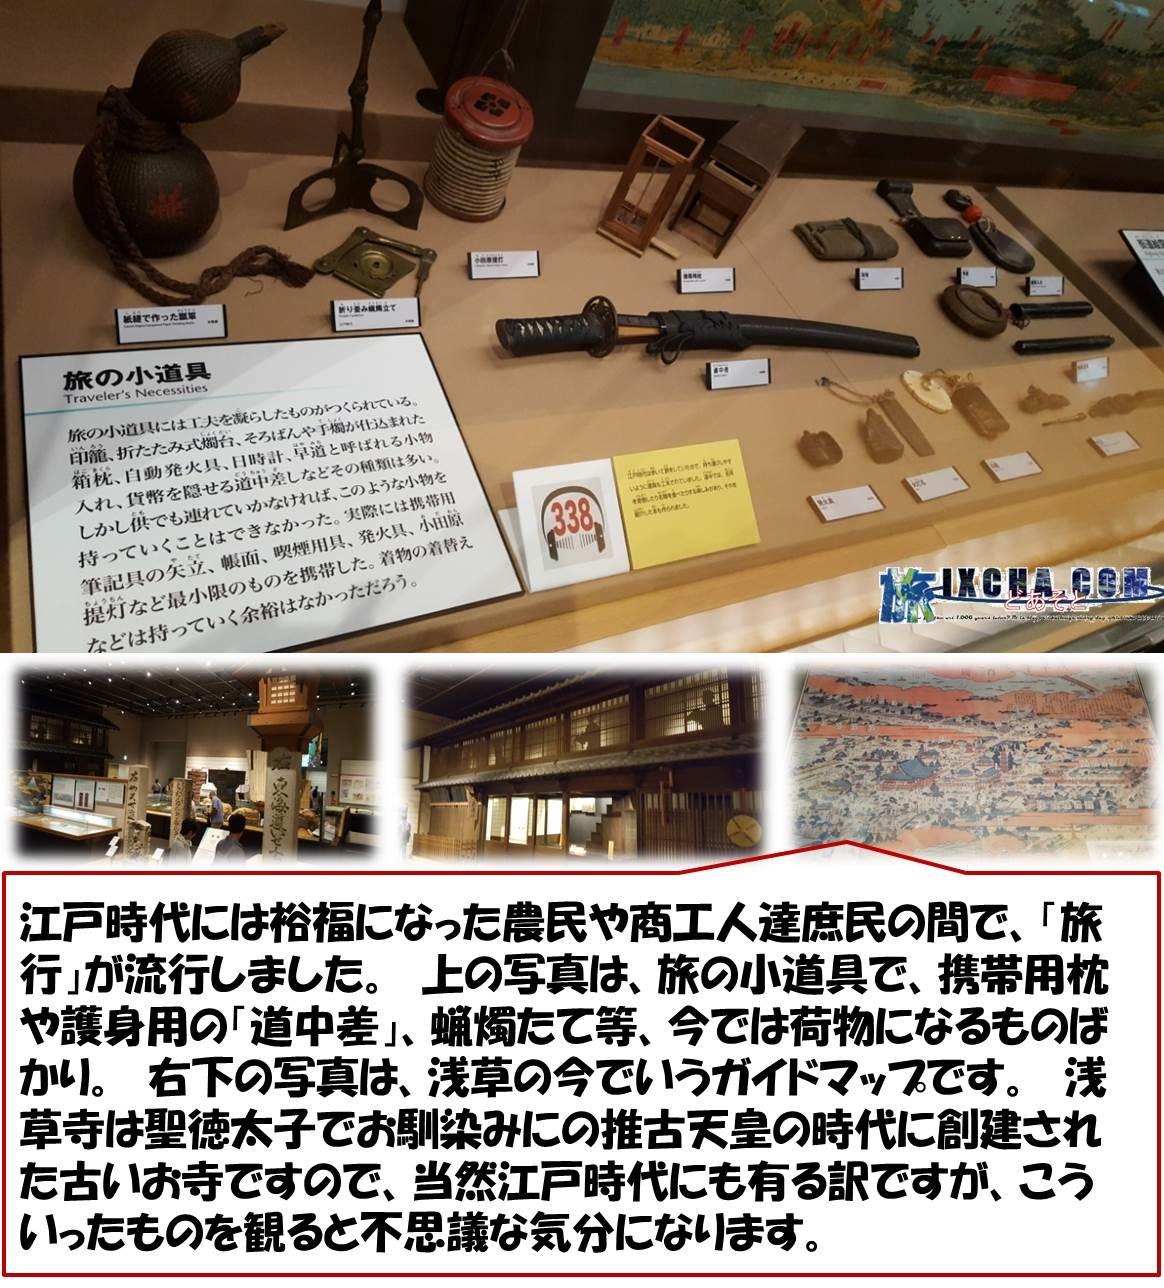 江戸時代には裕福になった農民や商工人達庶民の間で、「旅行」が流行しました。 上の写真は、旅の小道具で、携帯用枕や護身用の「道中差」、蝋燭たて等、今では荷物になるものばかり。 右下の写真は、浅草の今でいうガイドマップです。 浅草寺は聖徳太子でお馴染みにの推古天皇の時代に創建された古いお寺ですので、当然江戸時代にも有る訳ですが、こういったものを観ると不思議な気分になります。